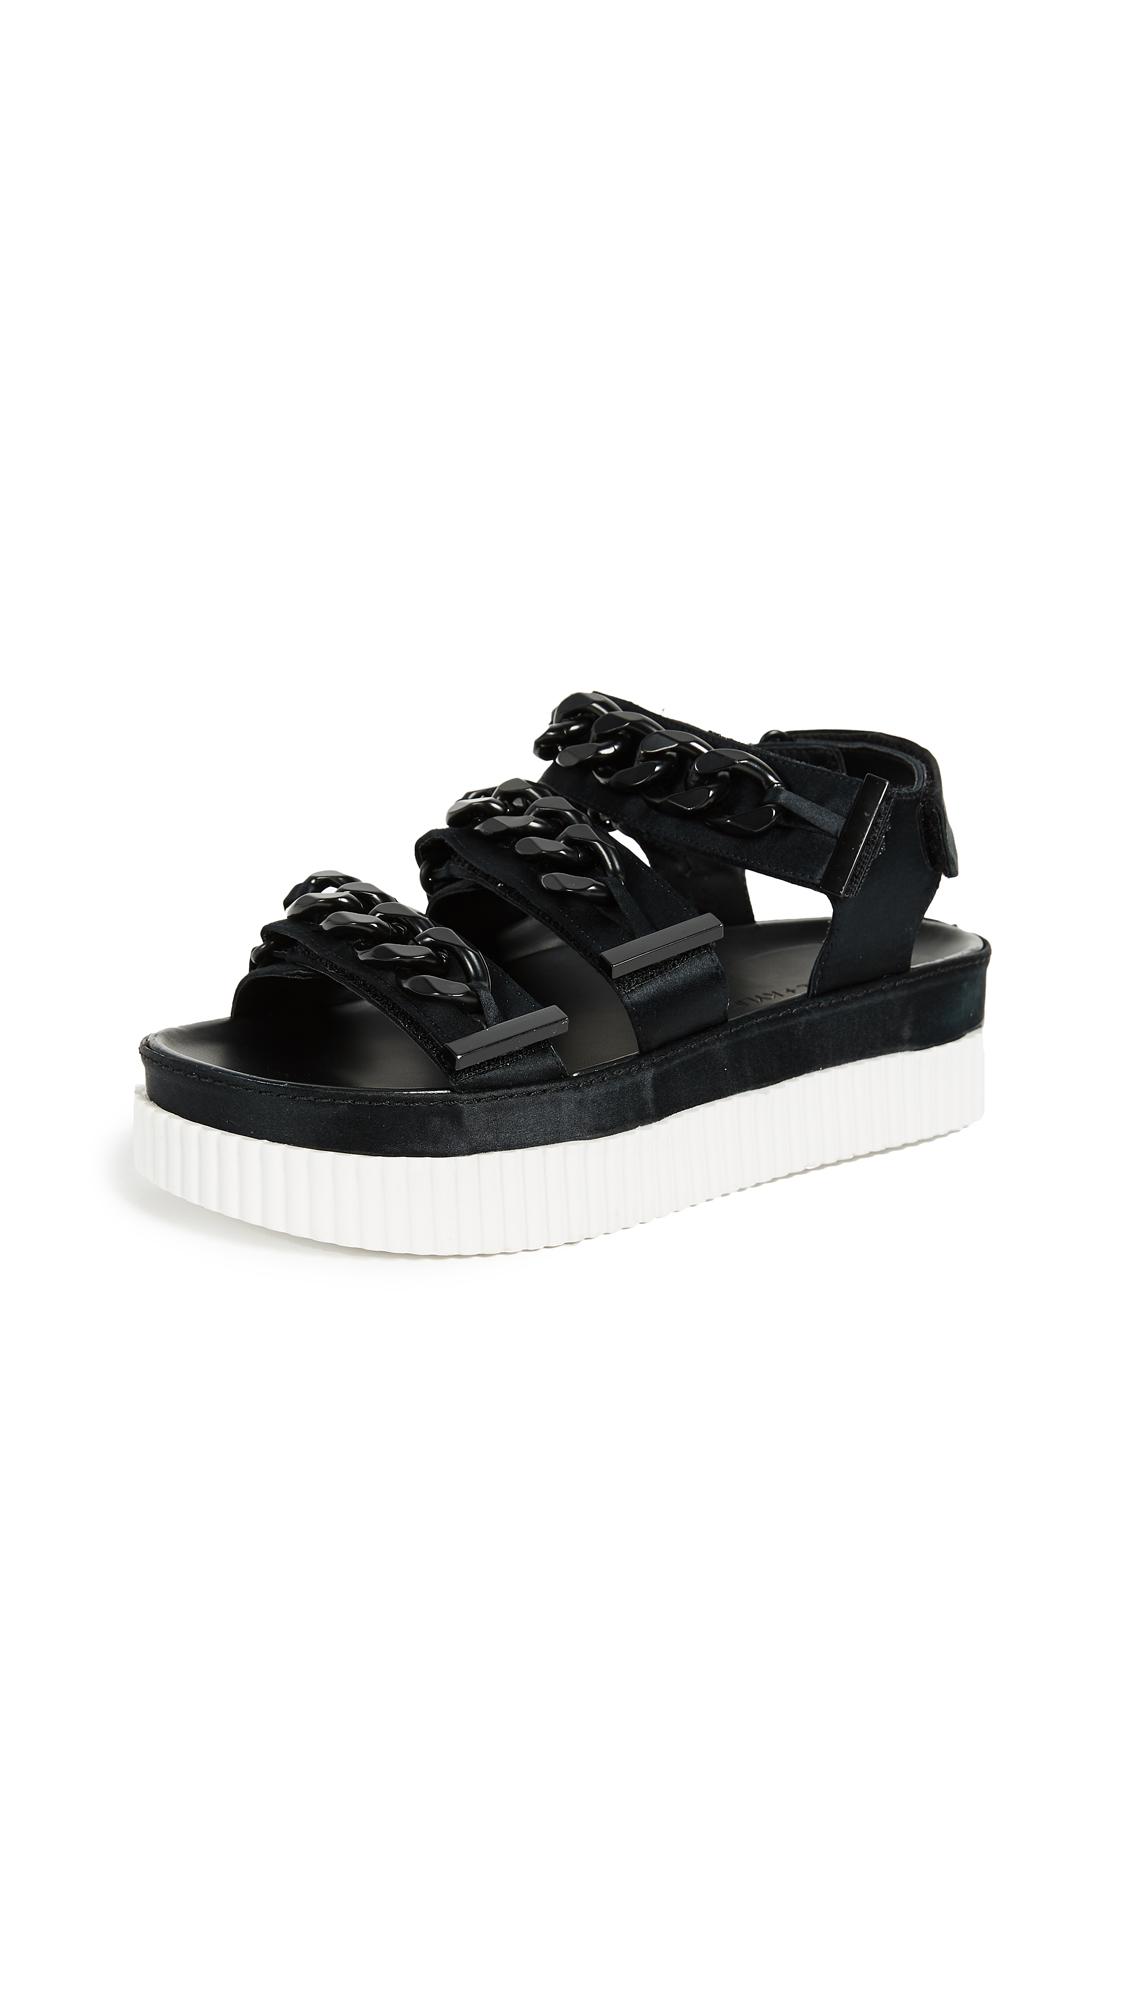 KENDALL + KYLIE Ivie Platform Chain Sandals - Black